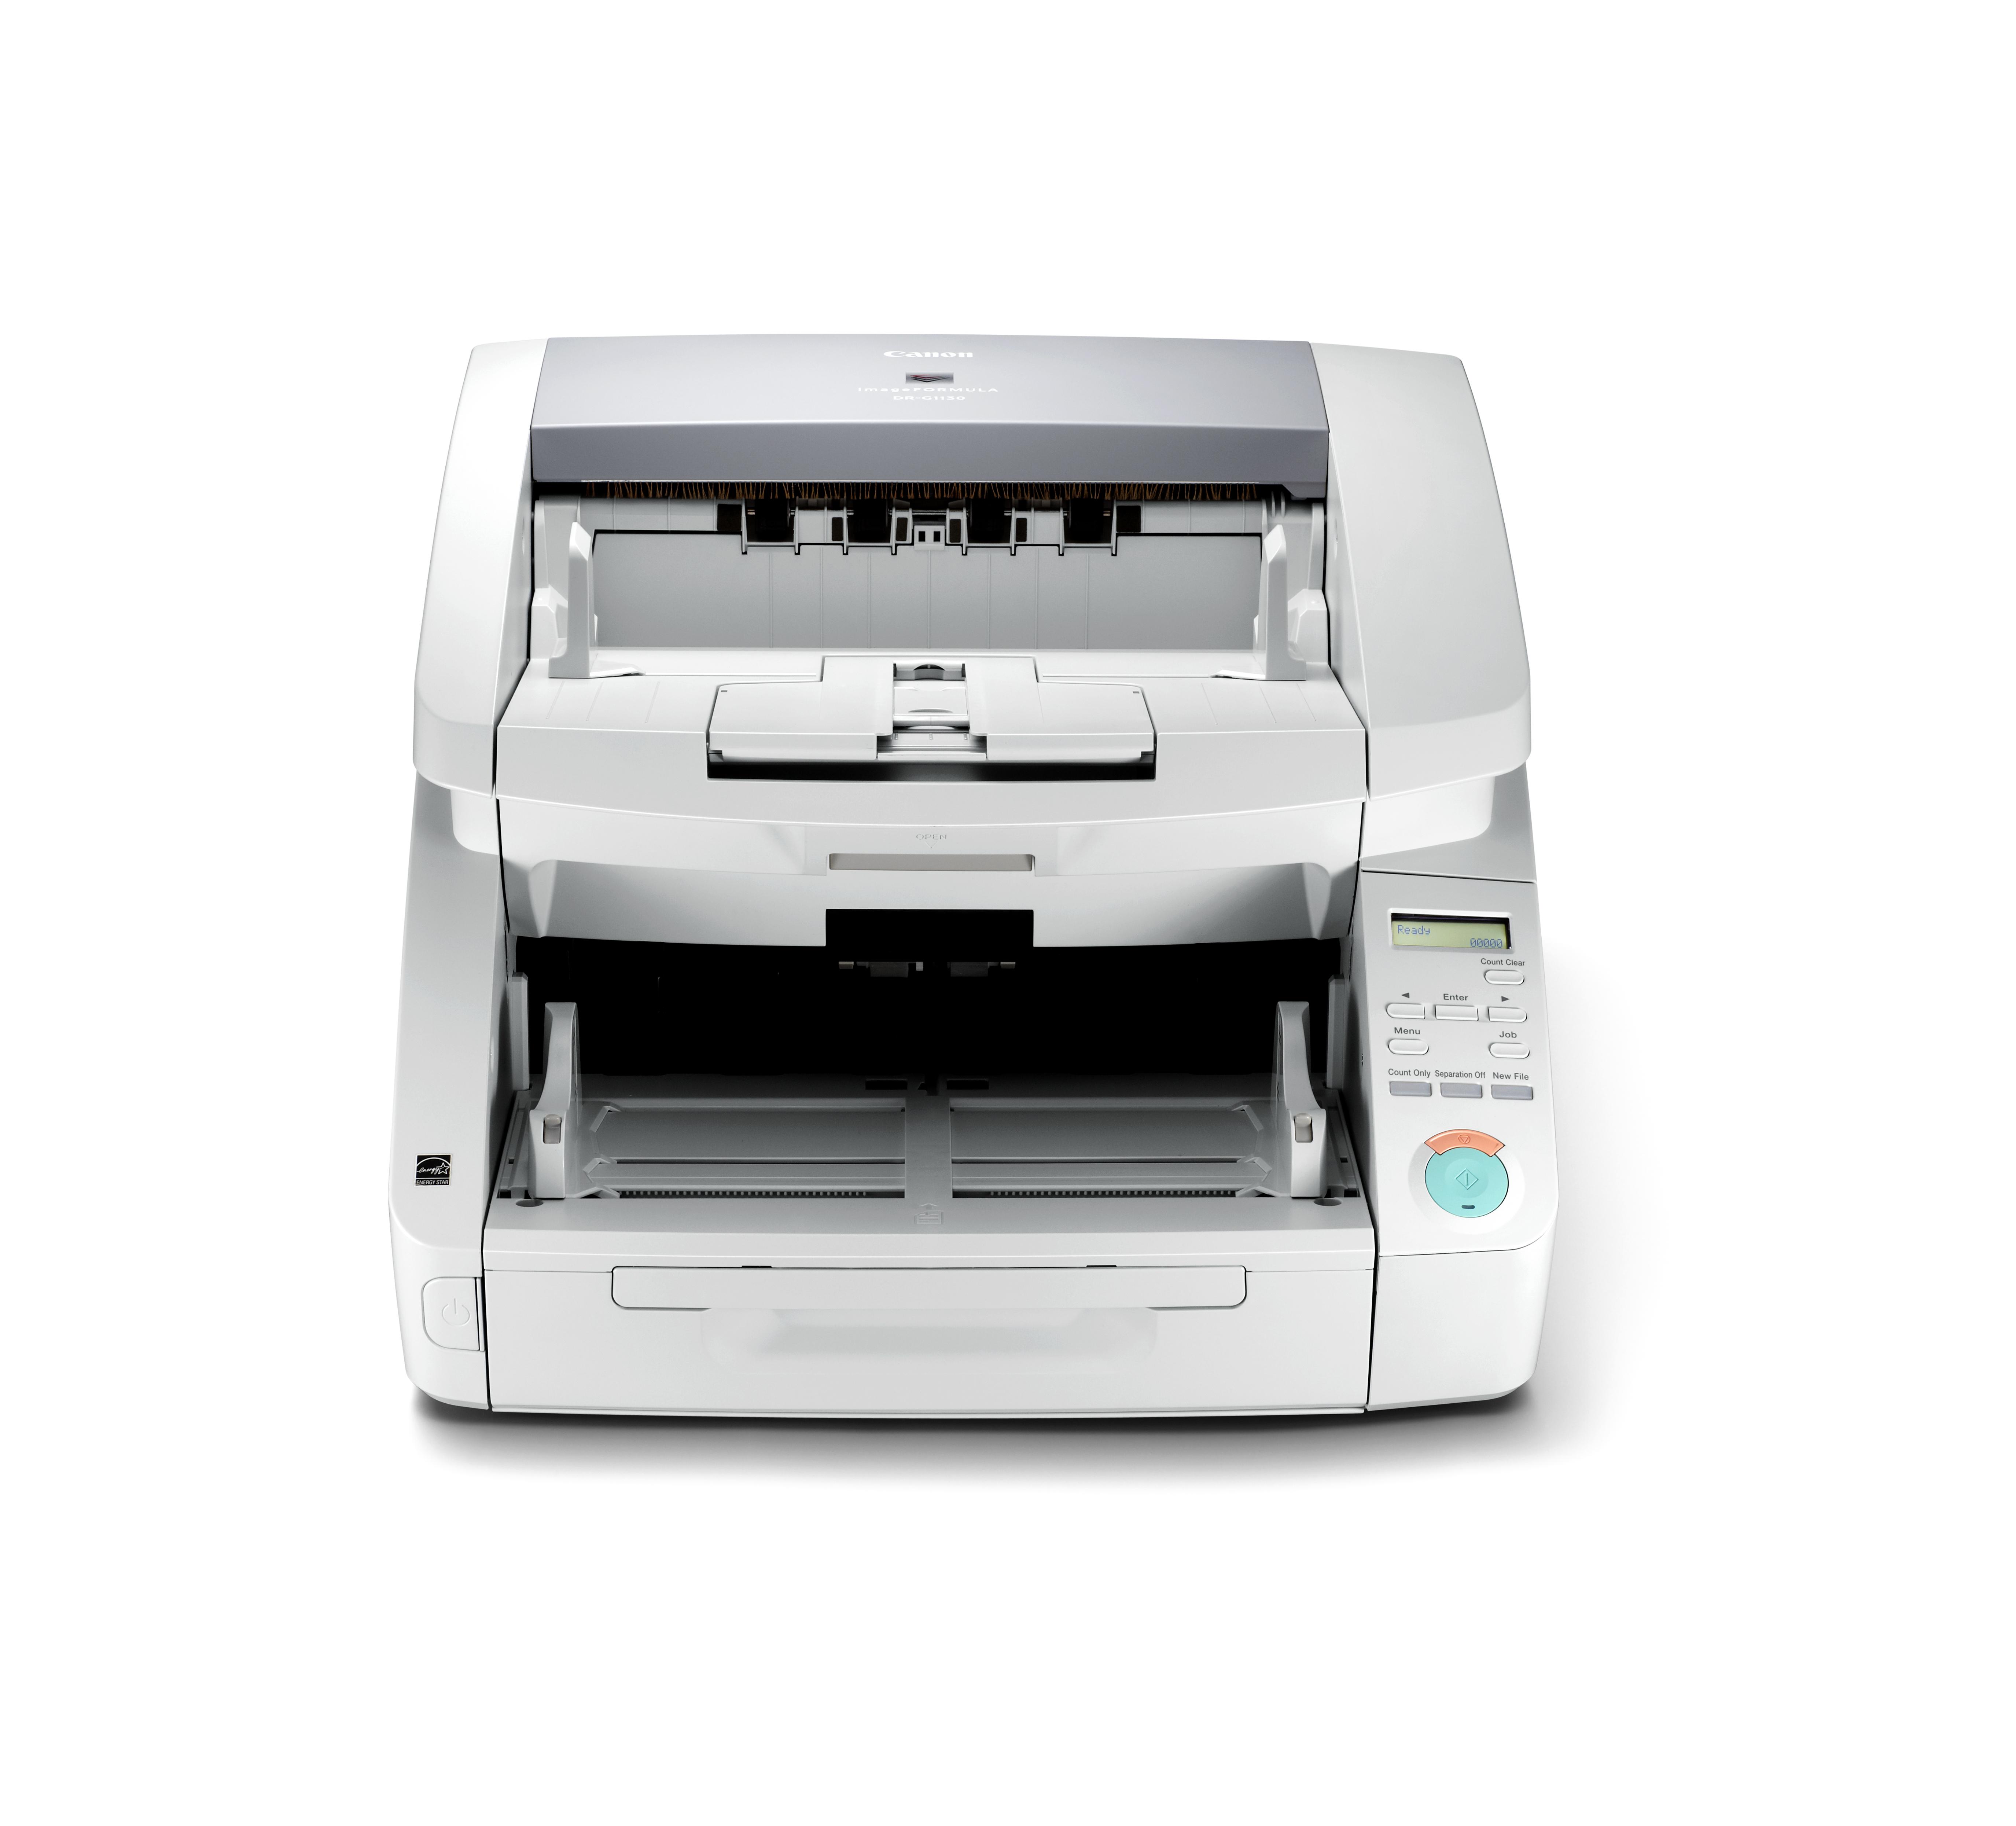 ESCANER CANON IMAGEFORMULA DR-M1060 / C6010 / G1100 / 1130/X10C